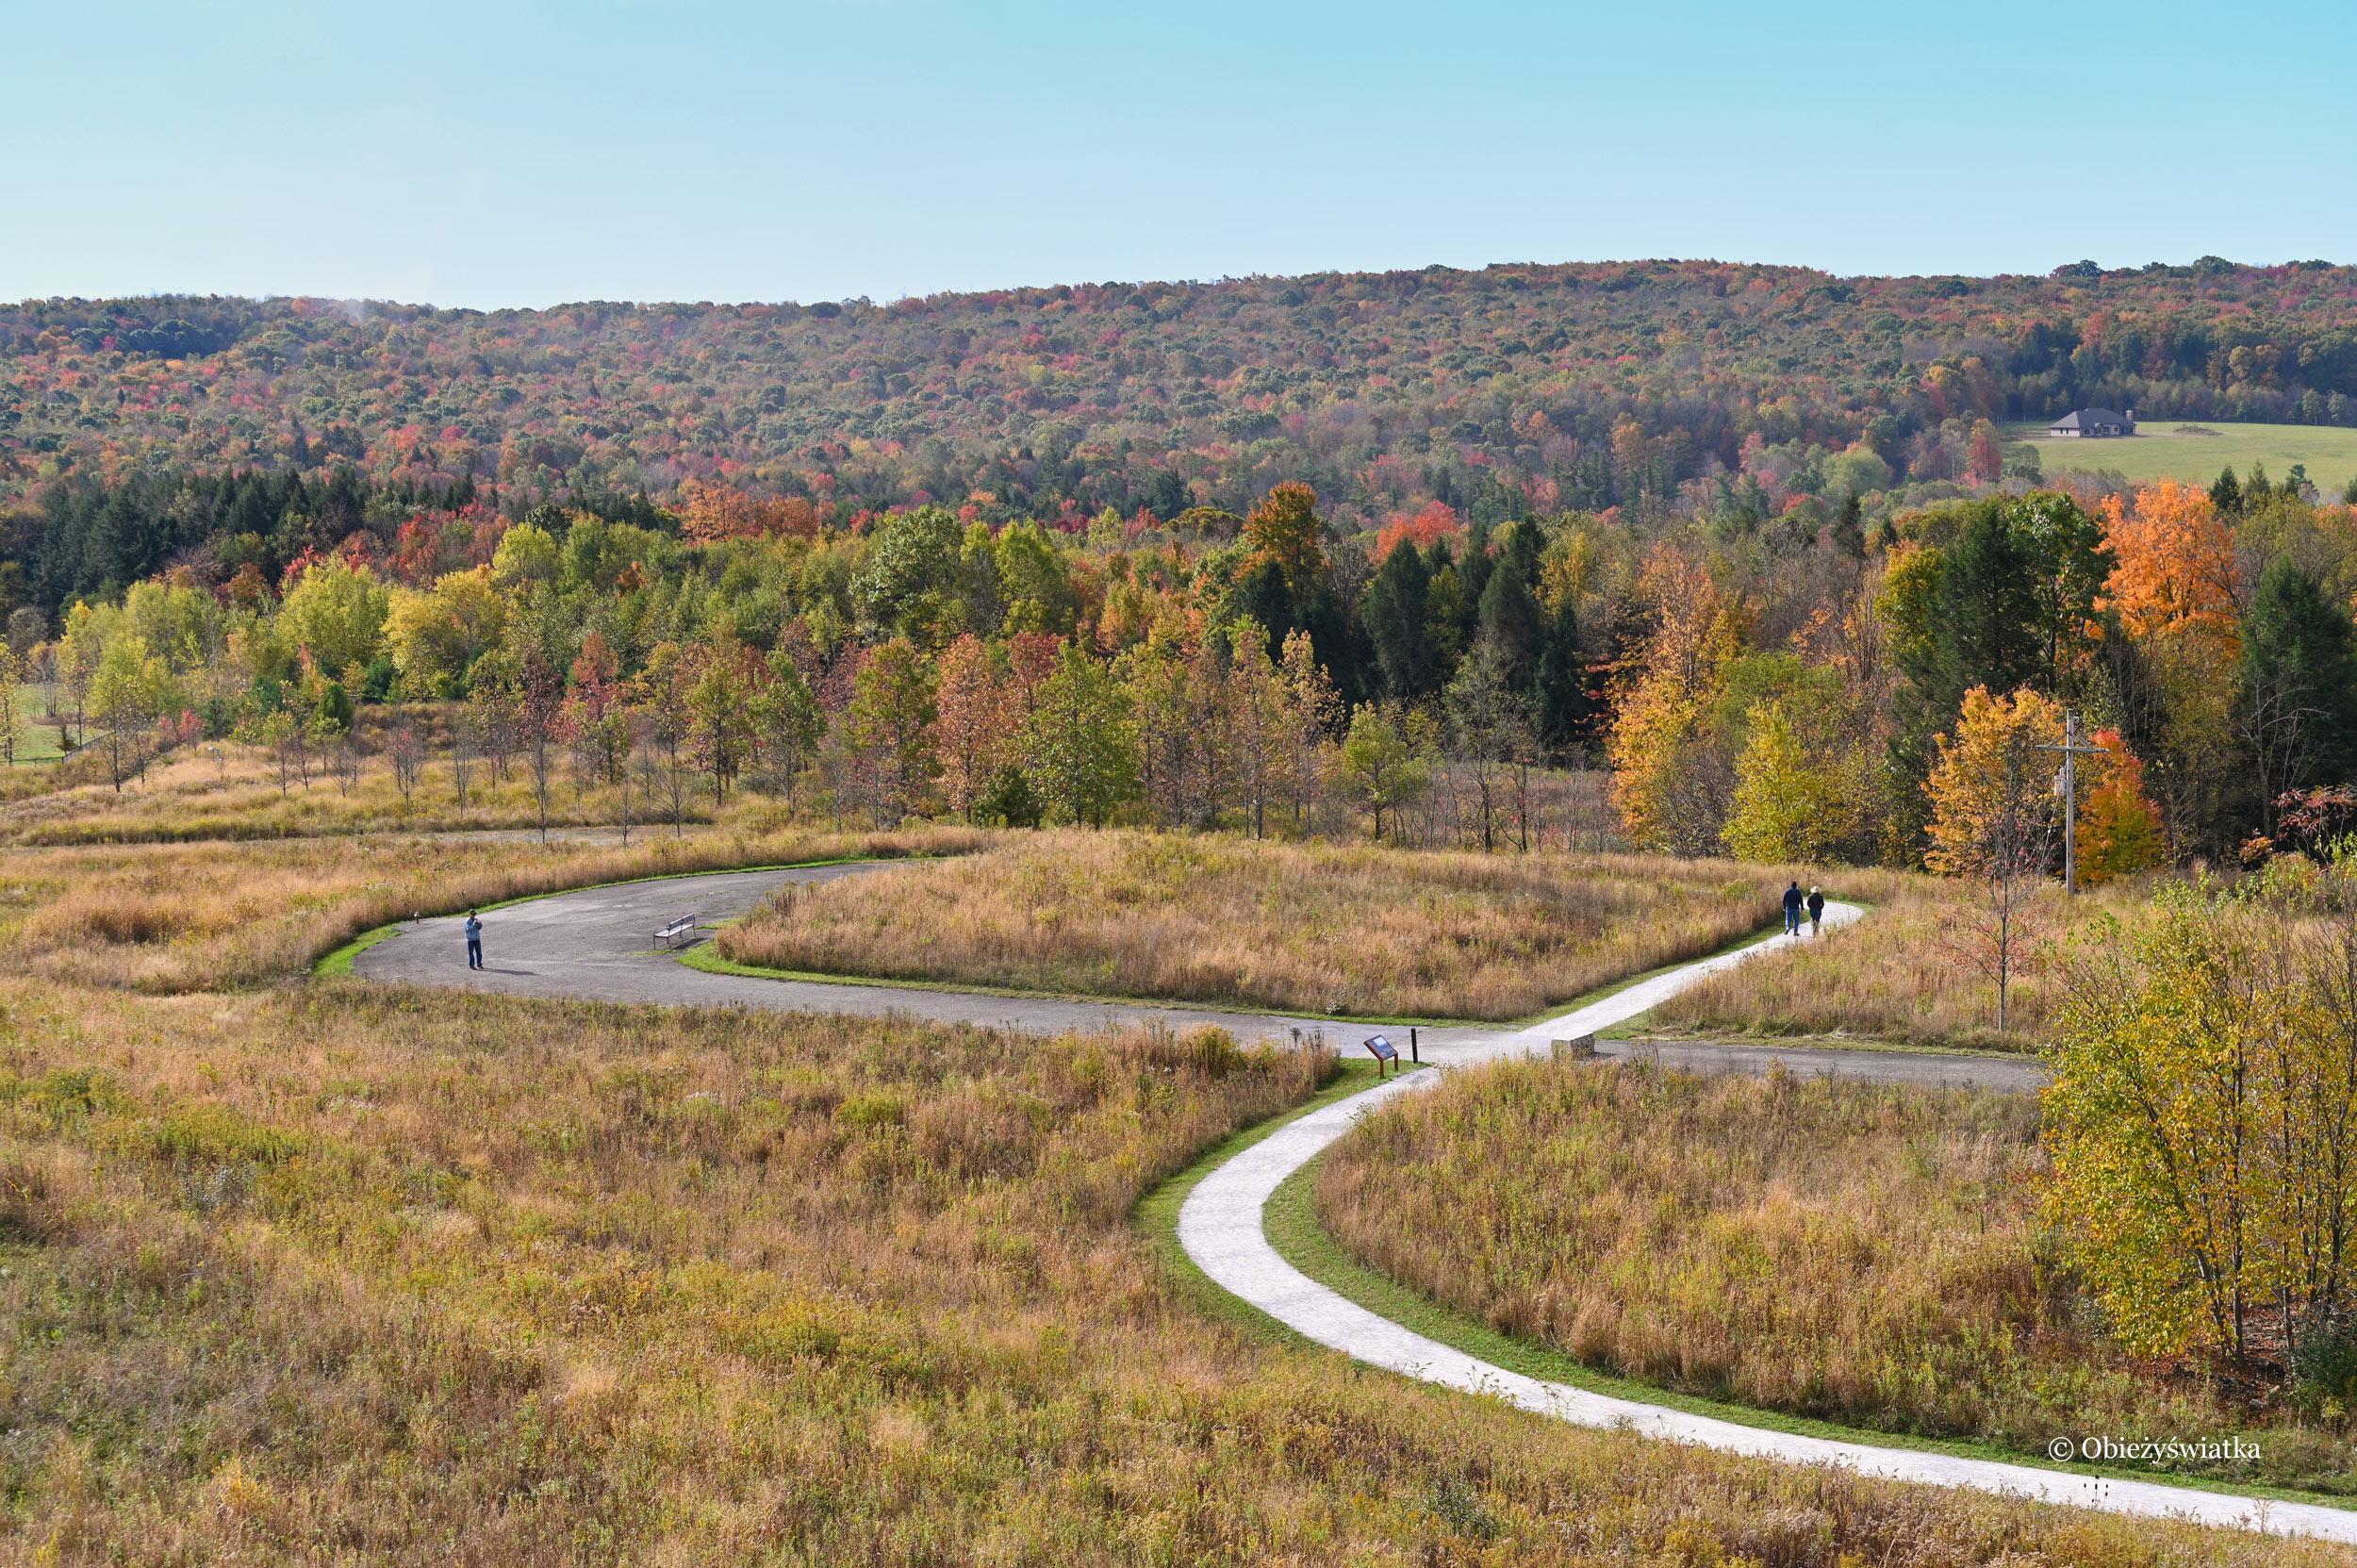 Jedna z dróg prowadząca przez teren Miejsca Pamięci Flight 93 National Memorial, USA